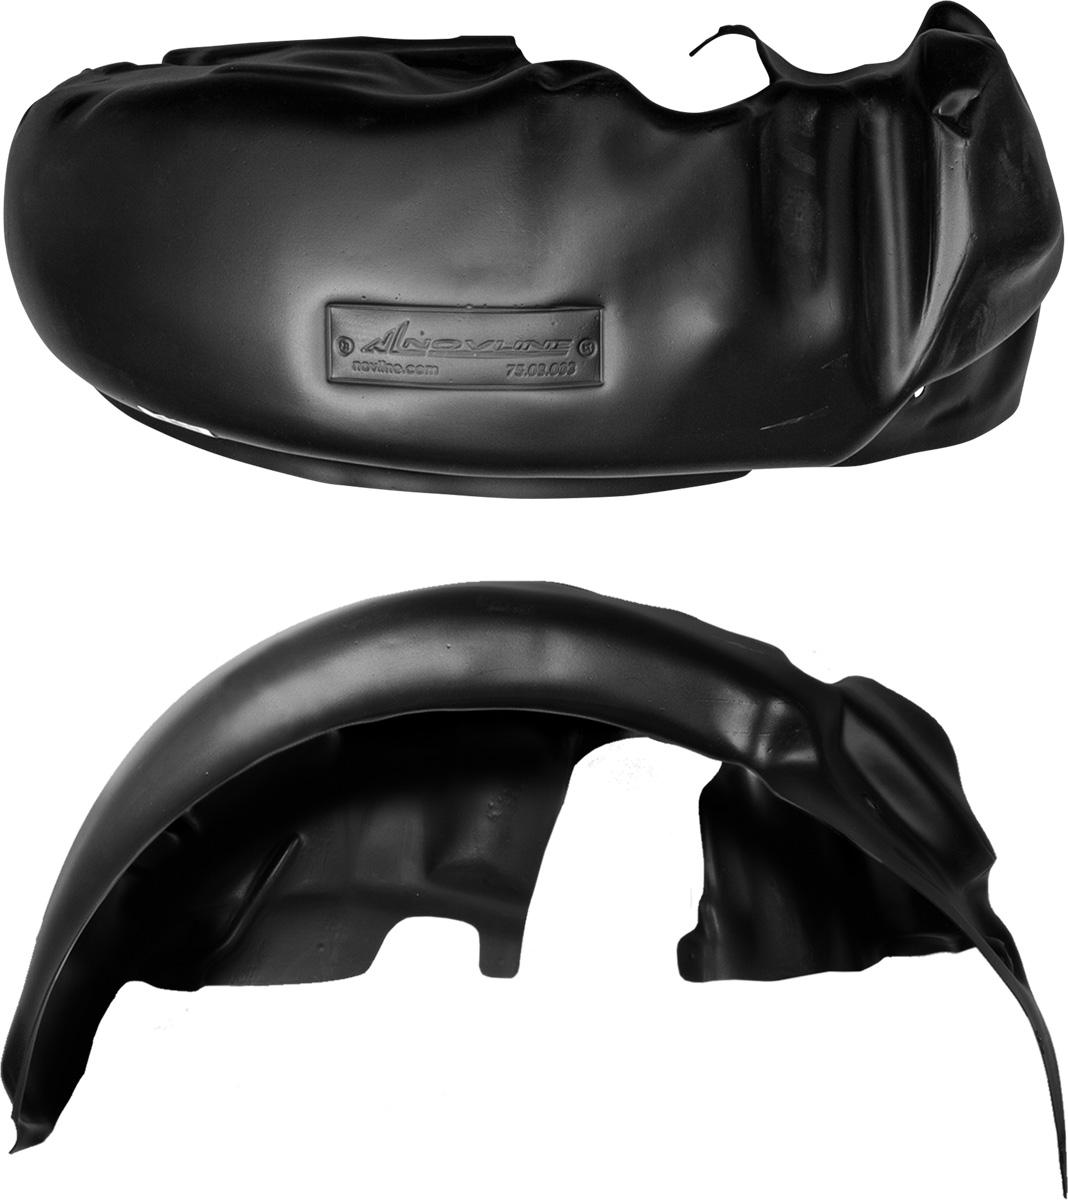 Подкрылок Novline-Autofamily, для Chevrolet Lacetti, 2004-2013, хэтчбек, седан, задний правый4504Колесные ниши - одни из самых уязвимых зон днища вашего автомобиля. Они постоянно подвергаются воздействию со стороны дороги. Лучшая, почти абсолютная защита для них - специально отформованные пластиковые кожухи, которые называются подкрылками. Производятся они как для отечественных моделей автомобилей, так и для иномарок. Подкрылки Novline-Autofamily выполнены из высококачественного, экологически чистого пластика. Обеспечивают надежную защиту кузова автомобиля от пескоструйного эффекта и негативного влияния, агрессивных антигололедных реагентов. Пластик обладает более низкой теплопроводностью, чем металл, поэтому в зимний период эксплуатации использование пластиковых подкрылков позволяет лучше защитить колесные ниши от налипания снега и образования наледи. Оригинальность конструкции подчеркивает элегантность автомобиля, бережно защищает нанесенное на днище кузова антикоррозийное покрытие и позволяет осуществить крепление подкрылков внутри колесной арки практически без...